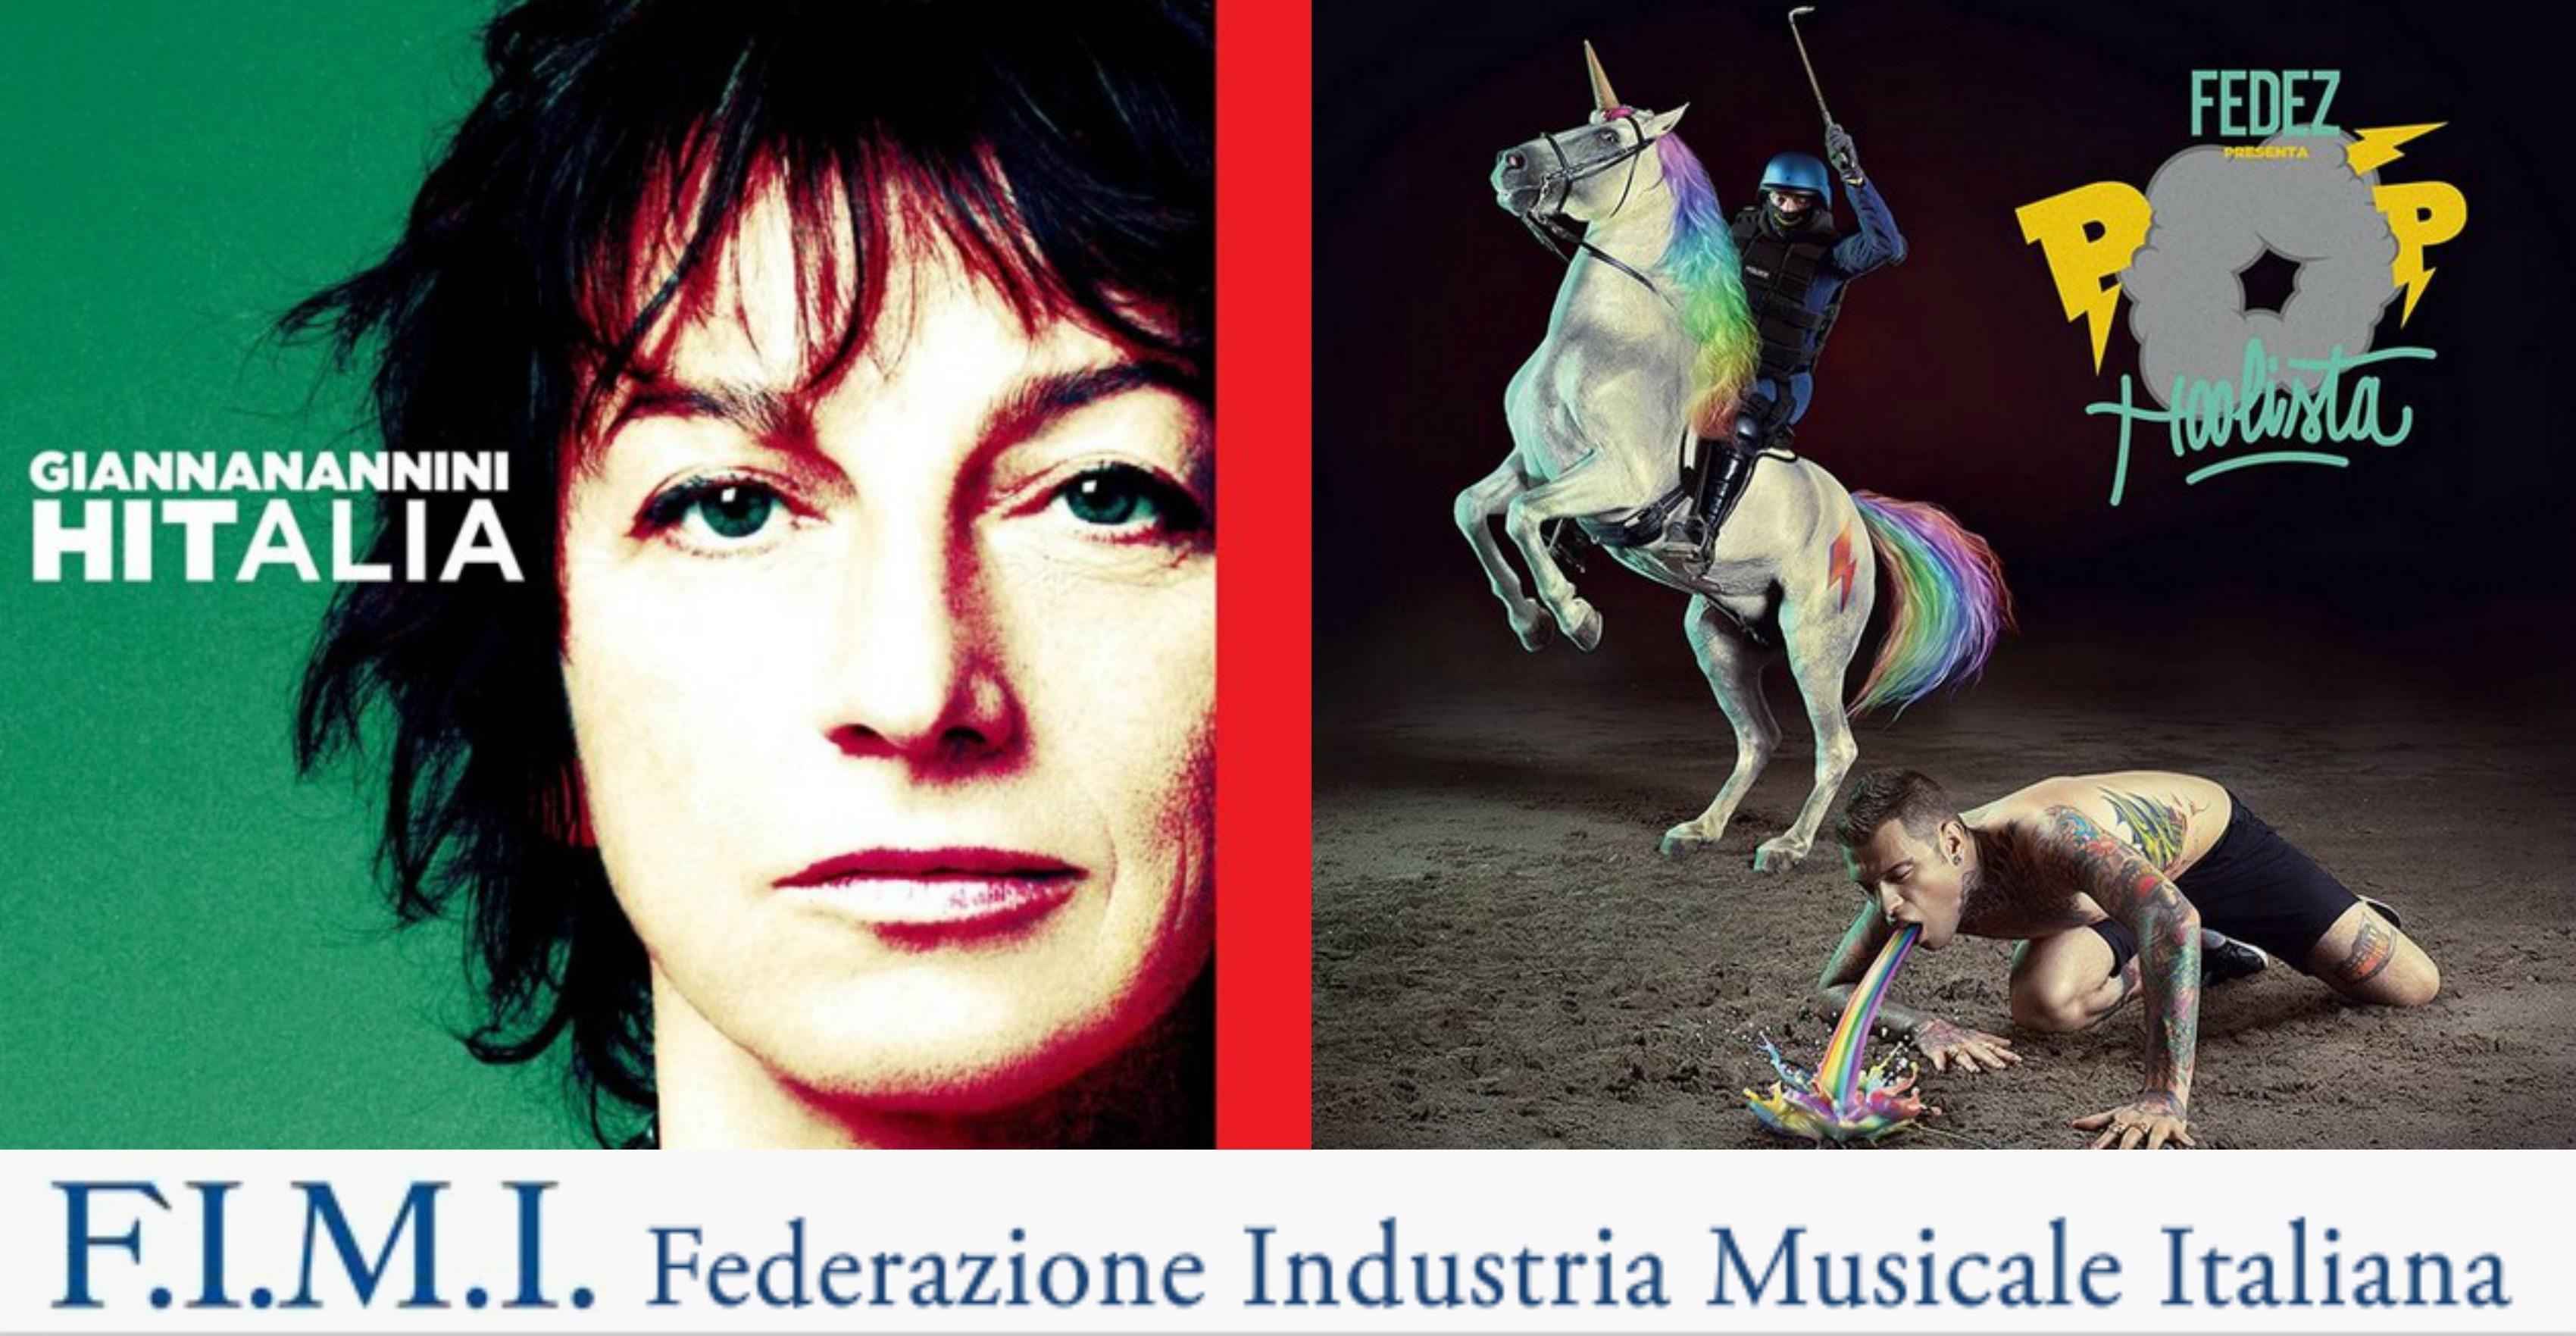 ♫BUBINOMUSIC #21 | CLASSIFICHE FIMI 15-21 DICEMBRE 2014: FRAGOLA E MADH PERDONO QUOTA, DOMINIO FEDEZ-MENGONI. SABATO DI JOVA ESORDISCE ALLA QUARTA. POCHE NUOVE DAGLI ALBUM | PLAYLIST DEL 2014: POSTA LE TUE CANZONI DELL'ANNO! PicMonkey Collage (1)